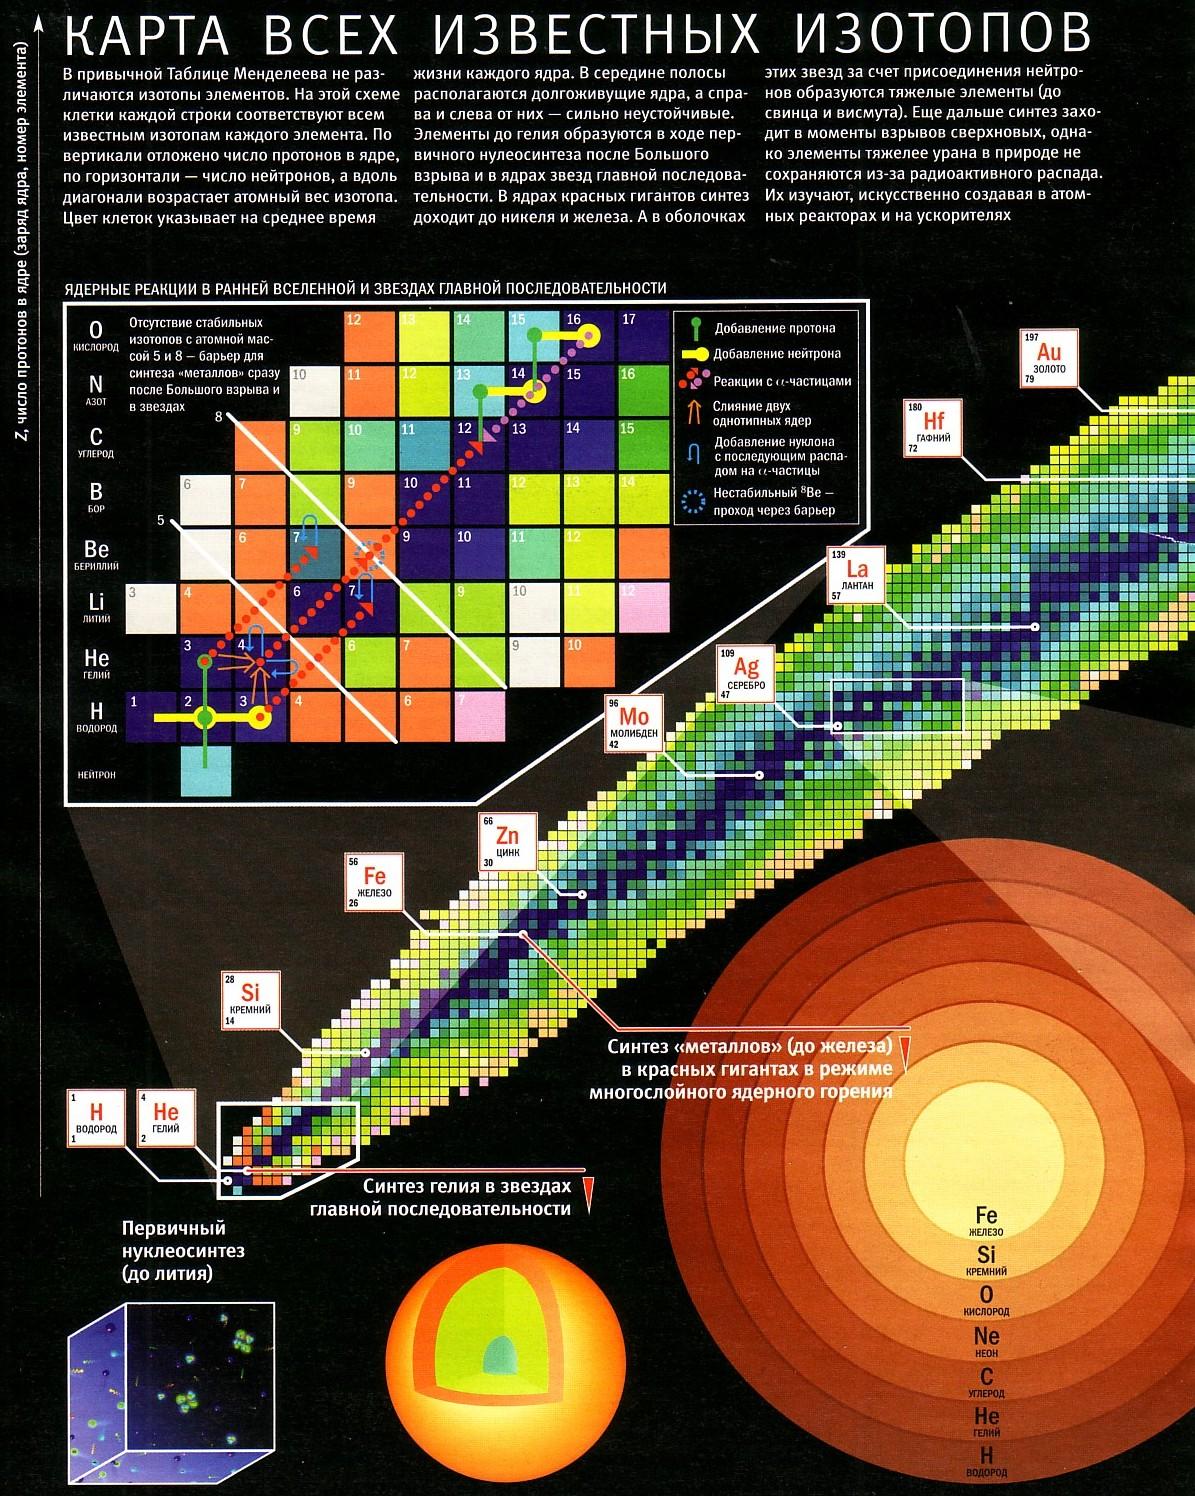 Карта продуктов звездных ядерных реакций